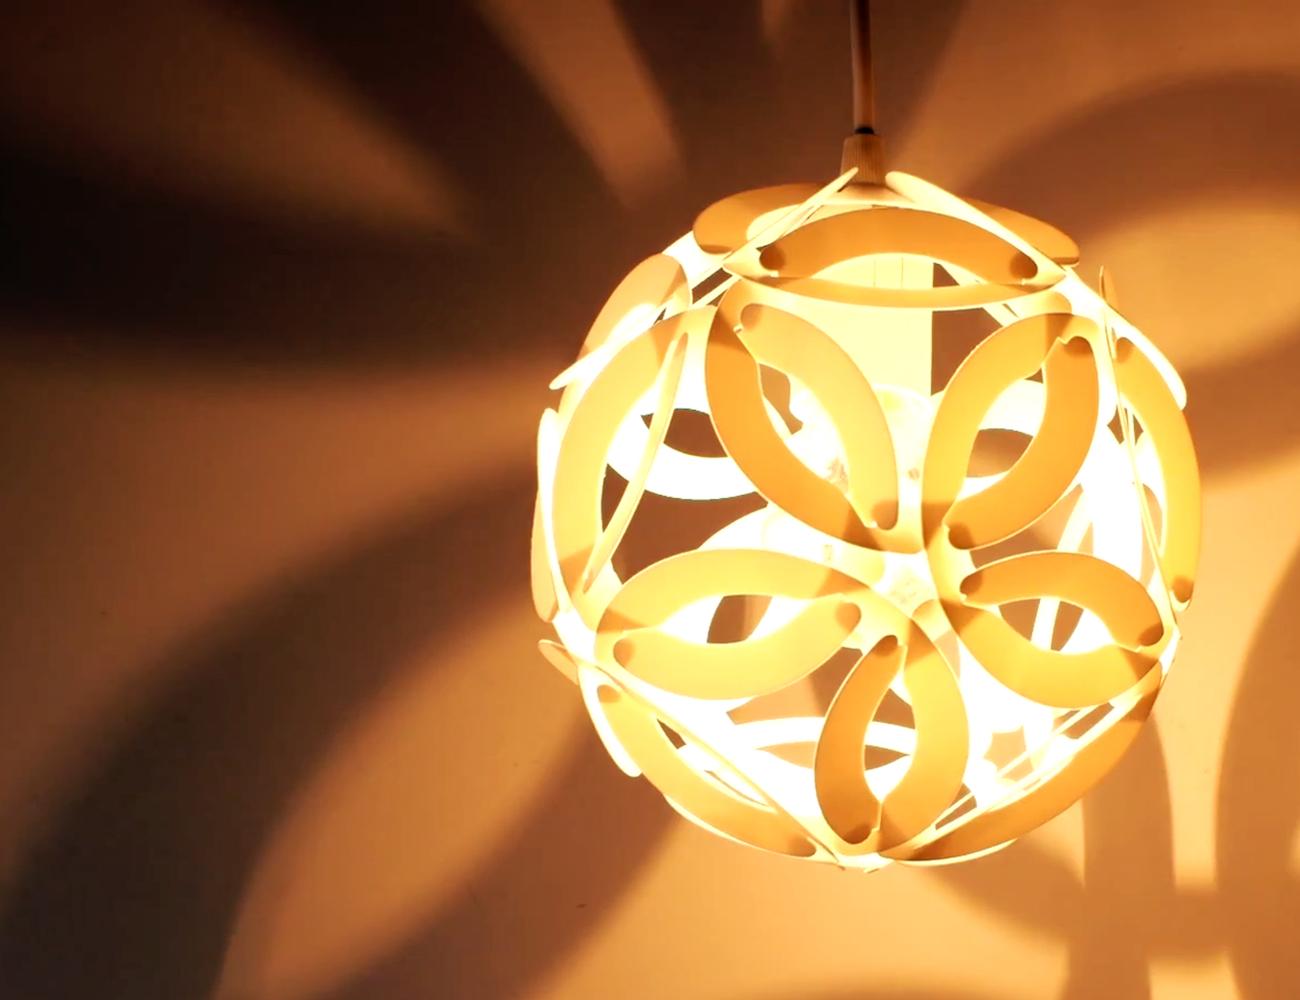 PAZO DIY 3D Build and Design Kit